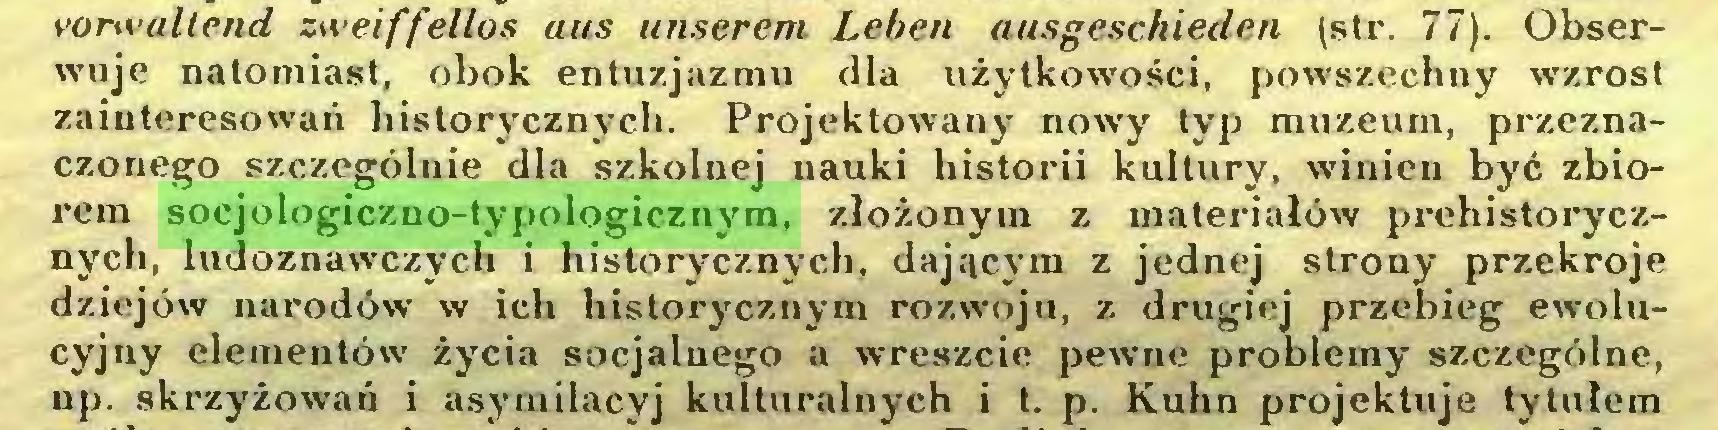 (...) vorwaltend zweiffellos aus unserem Leben ausgeschieden (str. 77). Obserwuje natomiast, obok entuzjazmu dla użytkowości, powszechny wzrost zainteresowań historycznych. Projektowany nowy typ muzeum, przeznaczonego szczególnie dla szkolnej nauki historii kultury, winien być zbiorem socjologiczno-typologicznym, złożonym z materiałów prehistorycznych, ludoznawczych i historycznych, dającym z jednej strony przekroje dziejów narodów w ich historycznym rozwoju, z drugiej przebieg ewolucyjny elementów' życia socjalnego a wreszcie pewne problemy szczególne, np. skrzyżowań i asymilacyj kulturalnych i t. p. Kuhn projektuje tytułem...